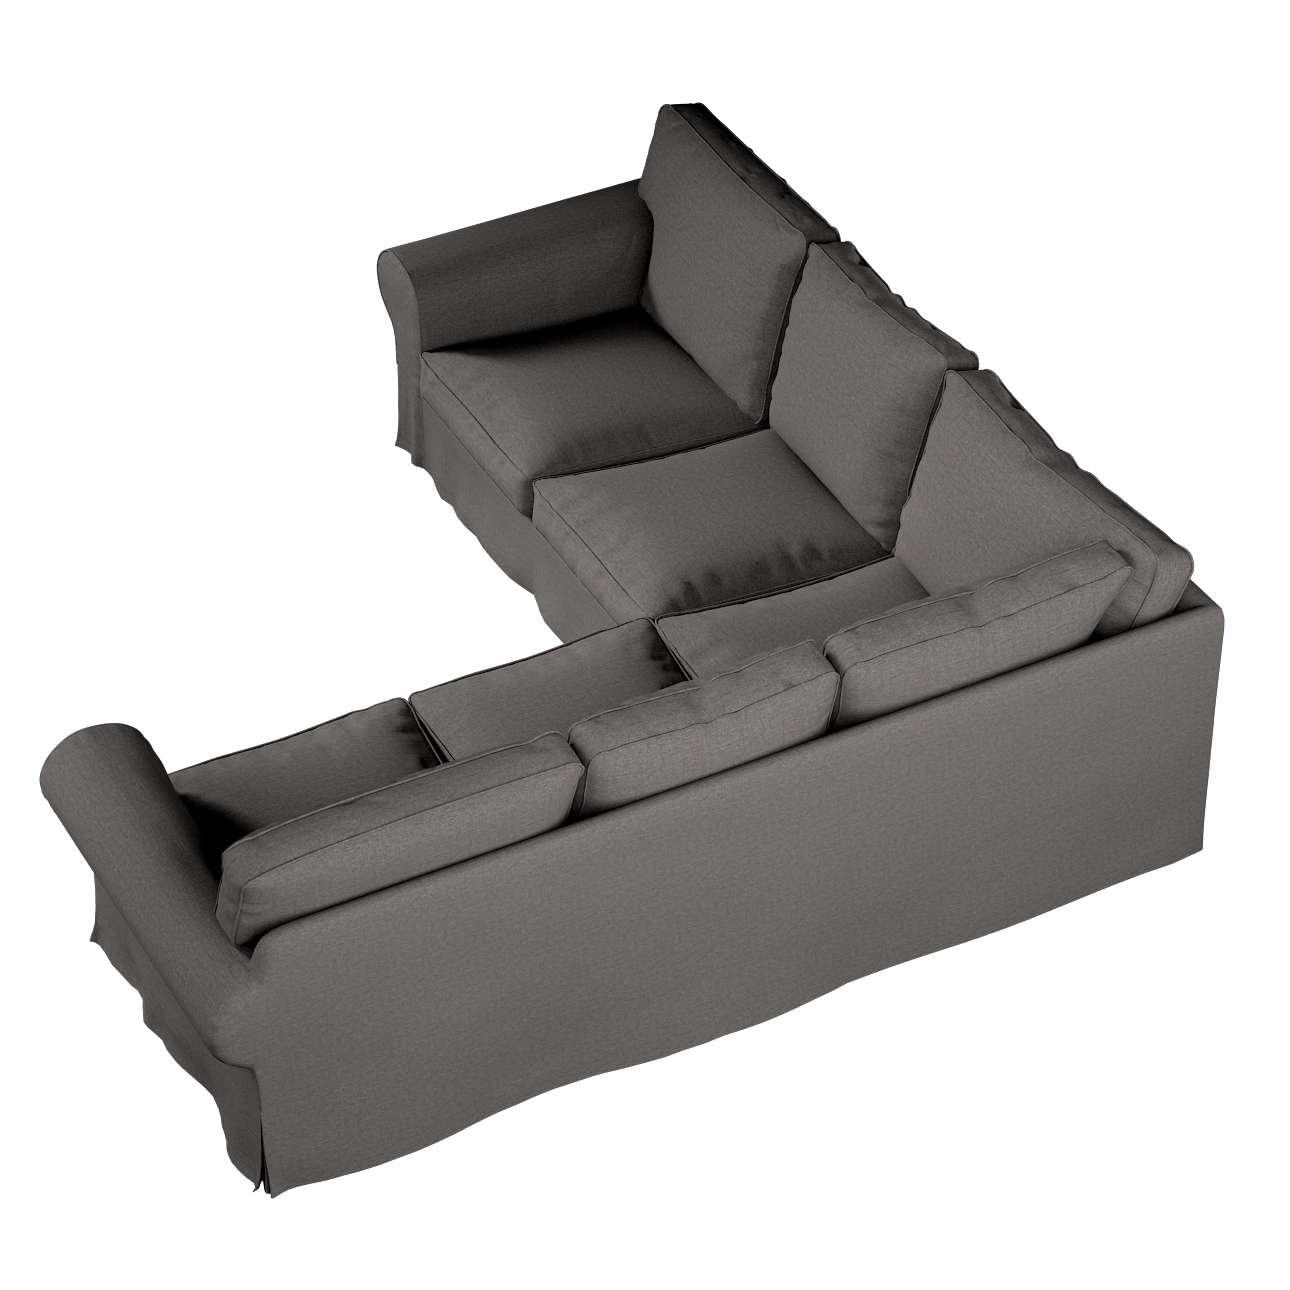 Pokrowiec Ektorp na sofę narożną w kolekcji Edinburgh, tkanina: 115-77